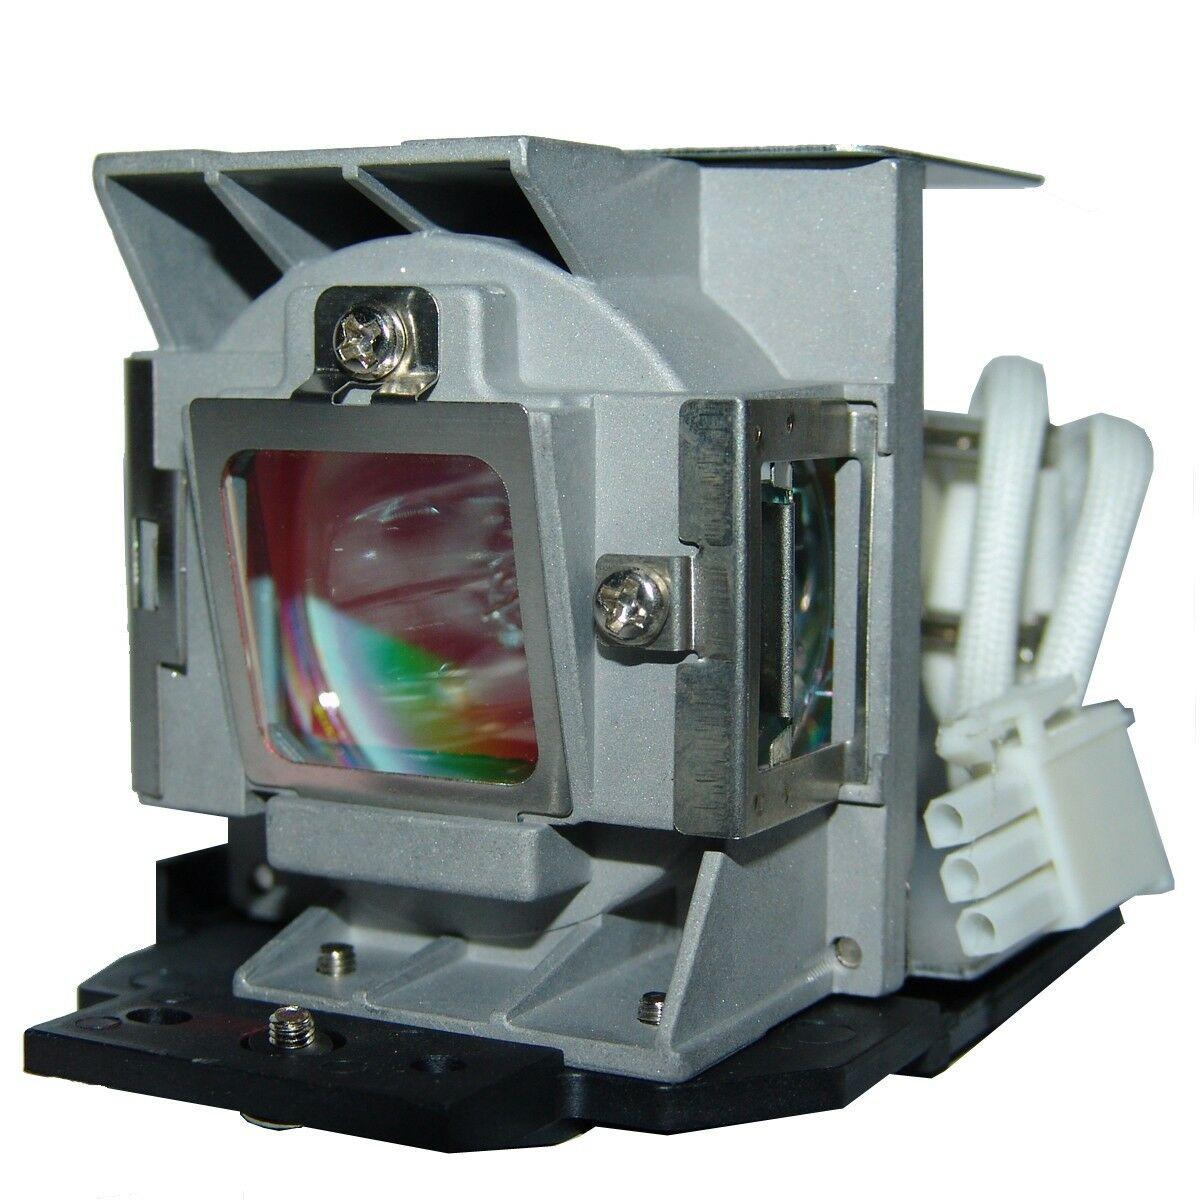 المصباح الكهربي العارض 5J.J3A05.001 ل BENQ MW881UST/MX712UST/MX880ST/MX880UST مع السكن